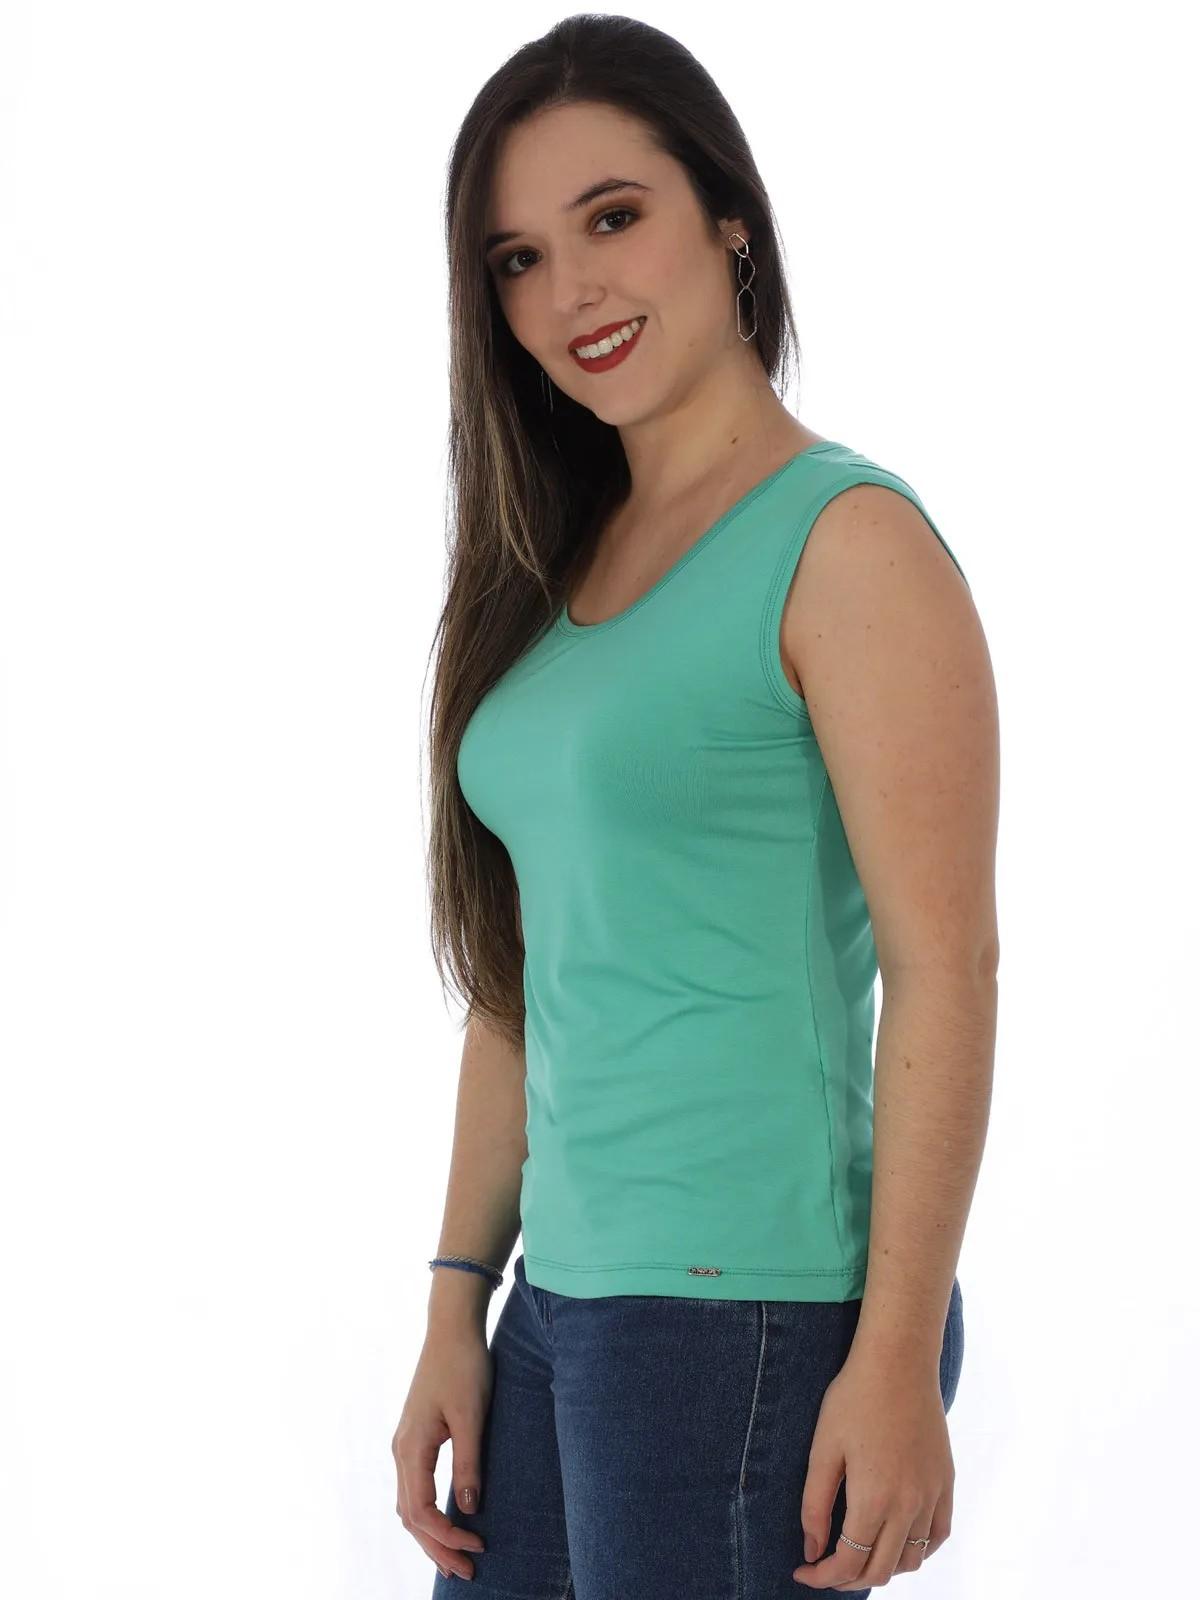 Regata Feminino Lisa Alça Larga Viscolycra Verde